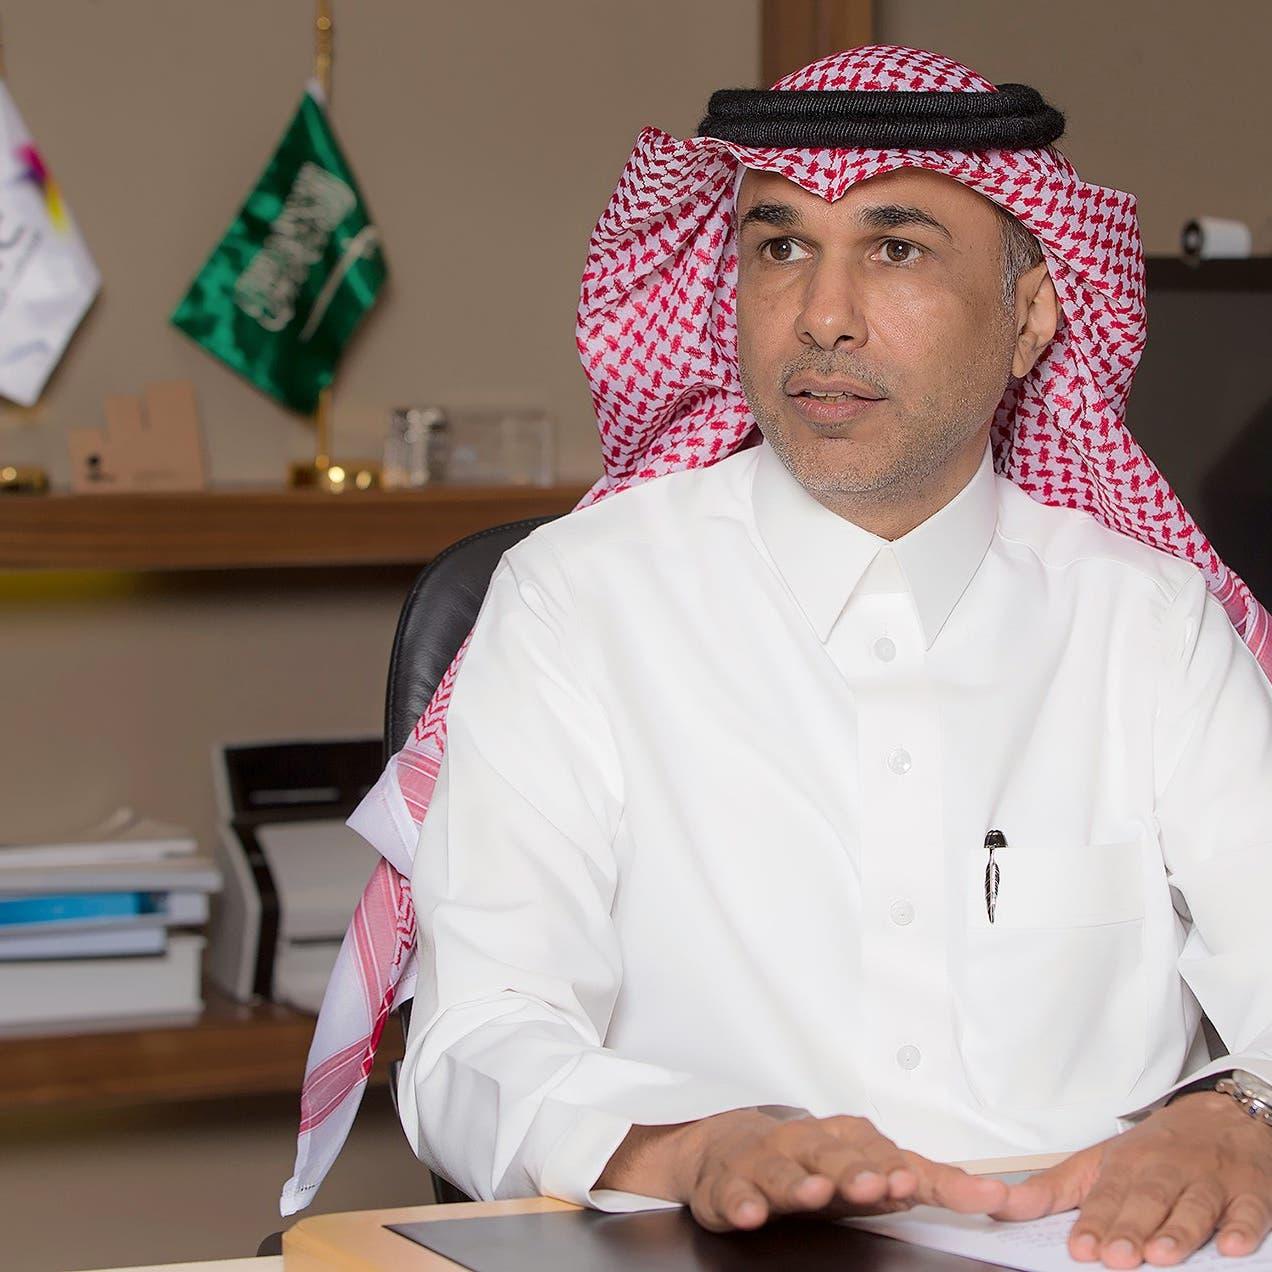 استقالة ناصر الناصر الرئيس التنفيذي لشركة الاتصالات السعودية